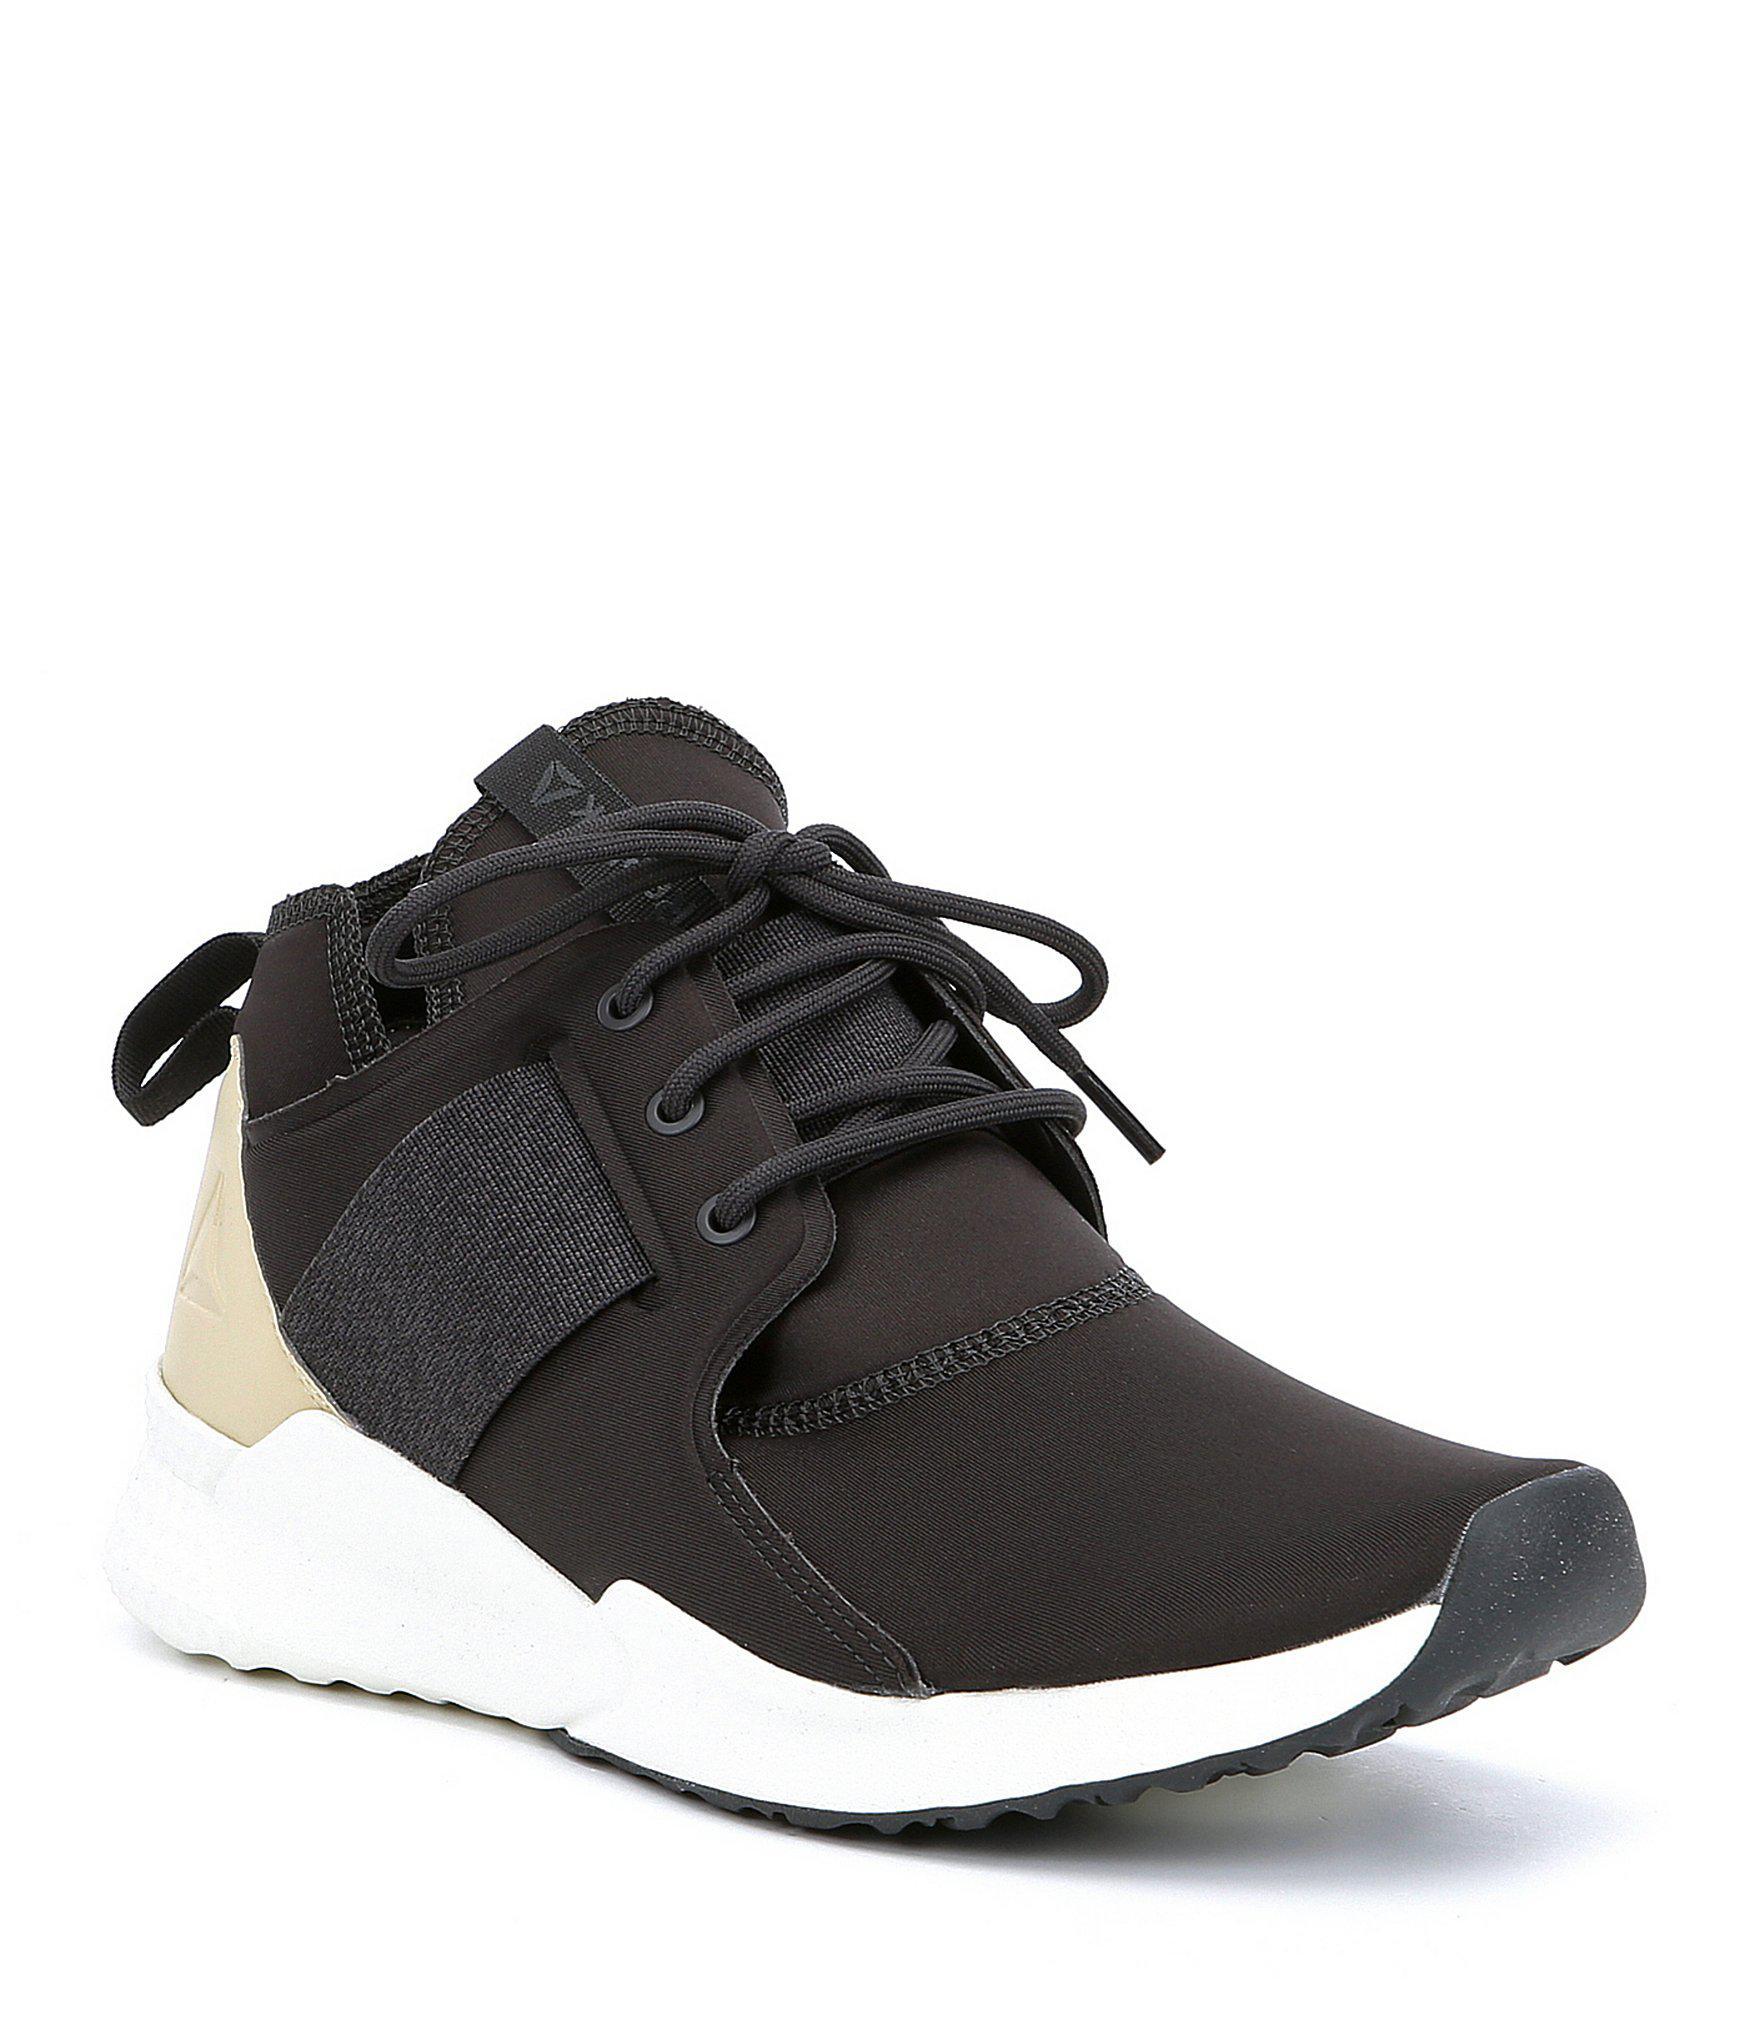 4e30a261f25 Lyst - Reebok Women s Guresu 1-0 Training Shoes in Black